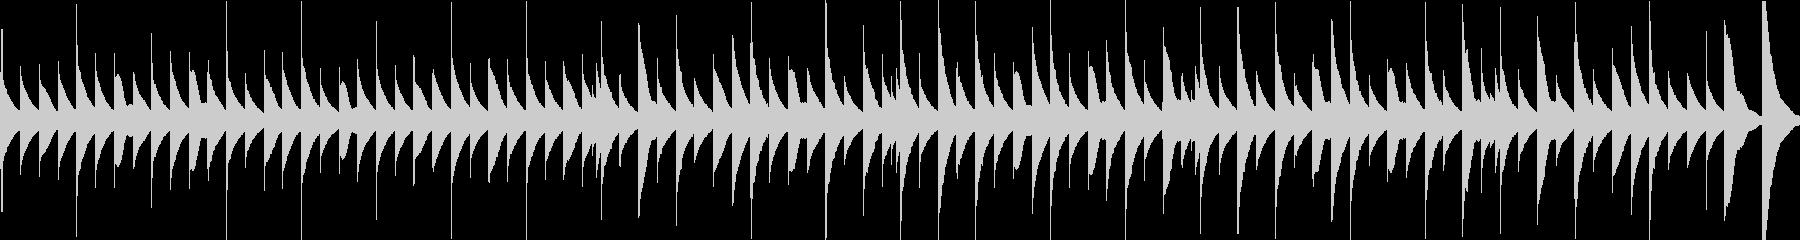 ほのぼのとして温かいオルゴール曲の未再生の波形